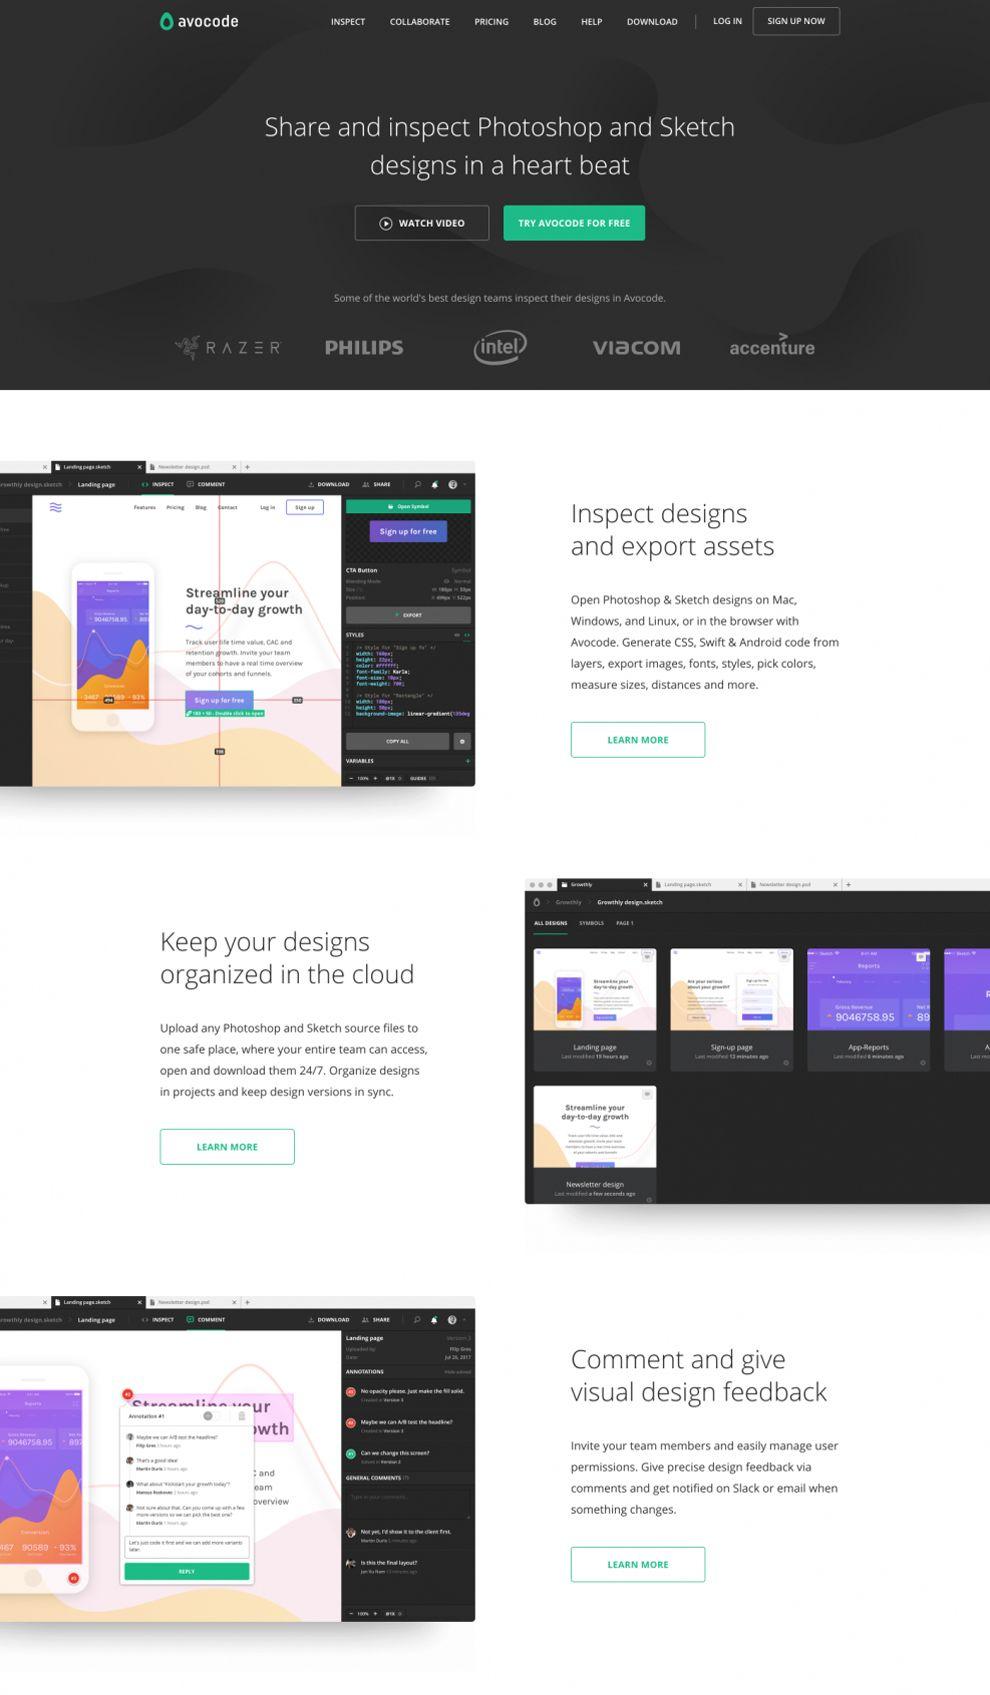 Avocode Clean Homepage